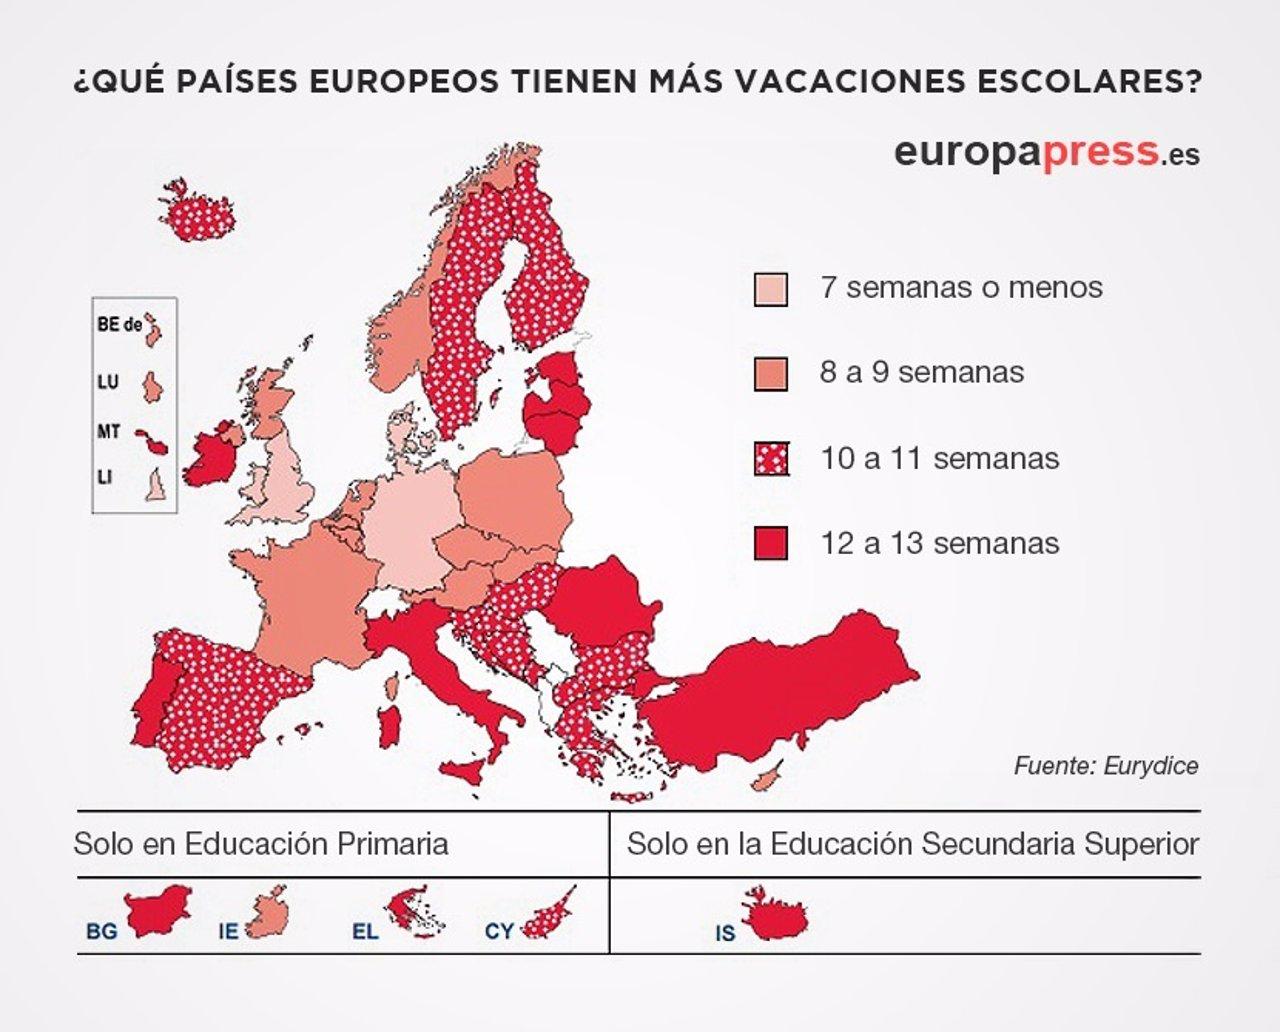 Vacaciones escolares en Europa